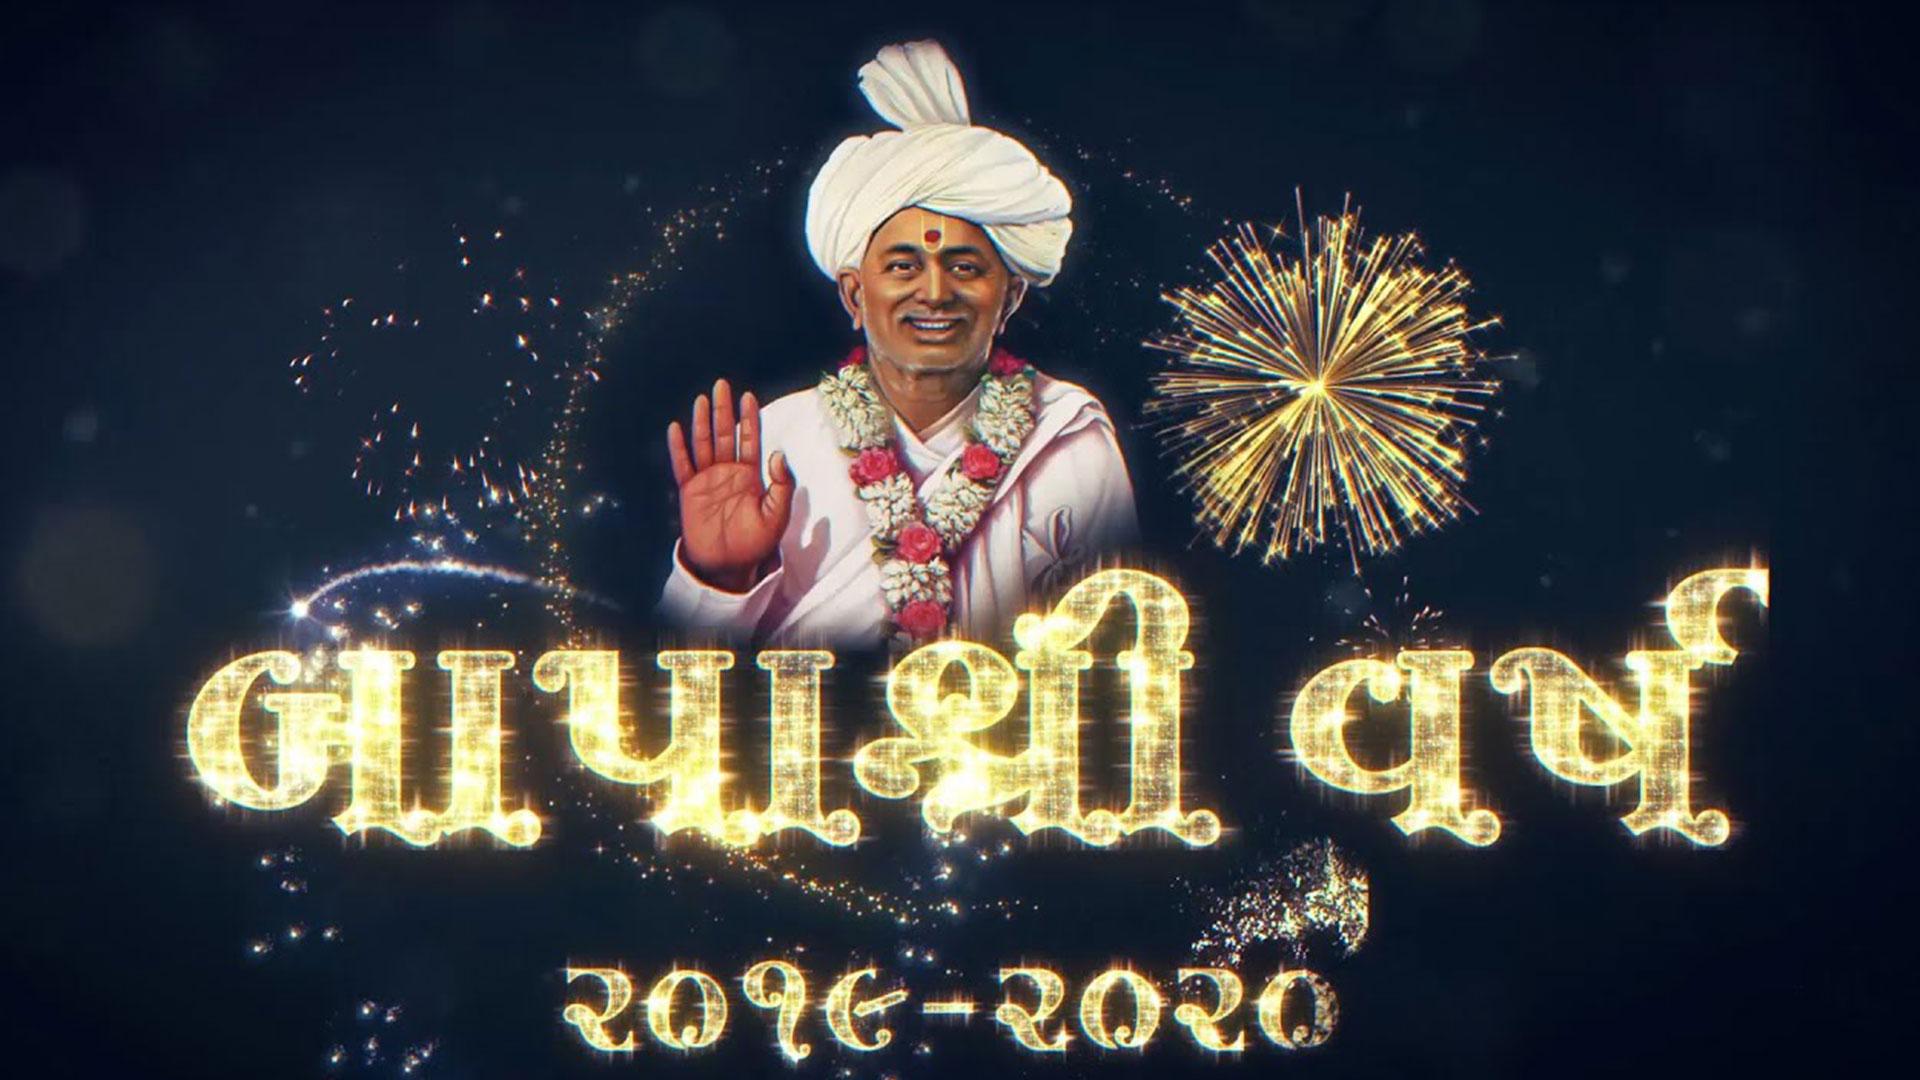 Bapashri Varsh Promo | Year 2019-2020